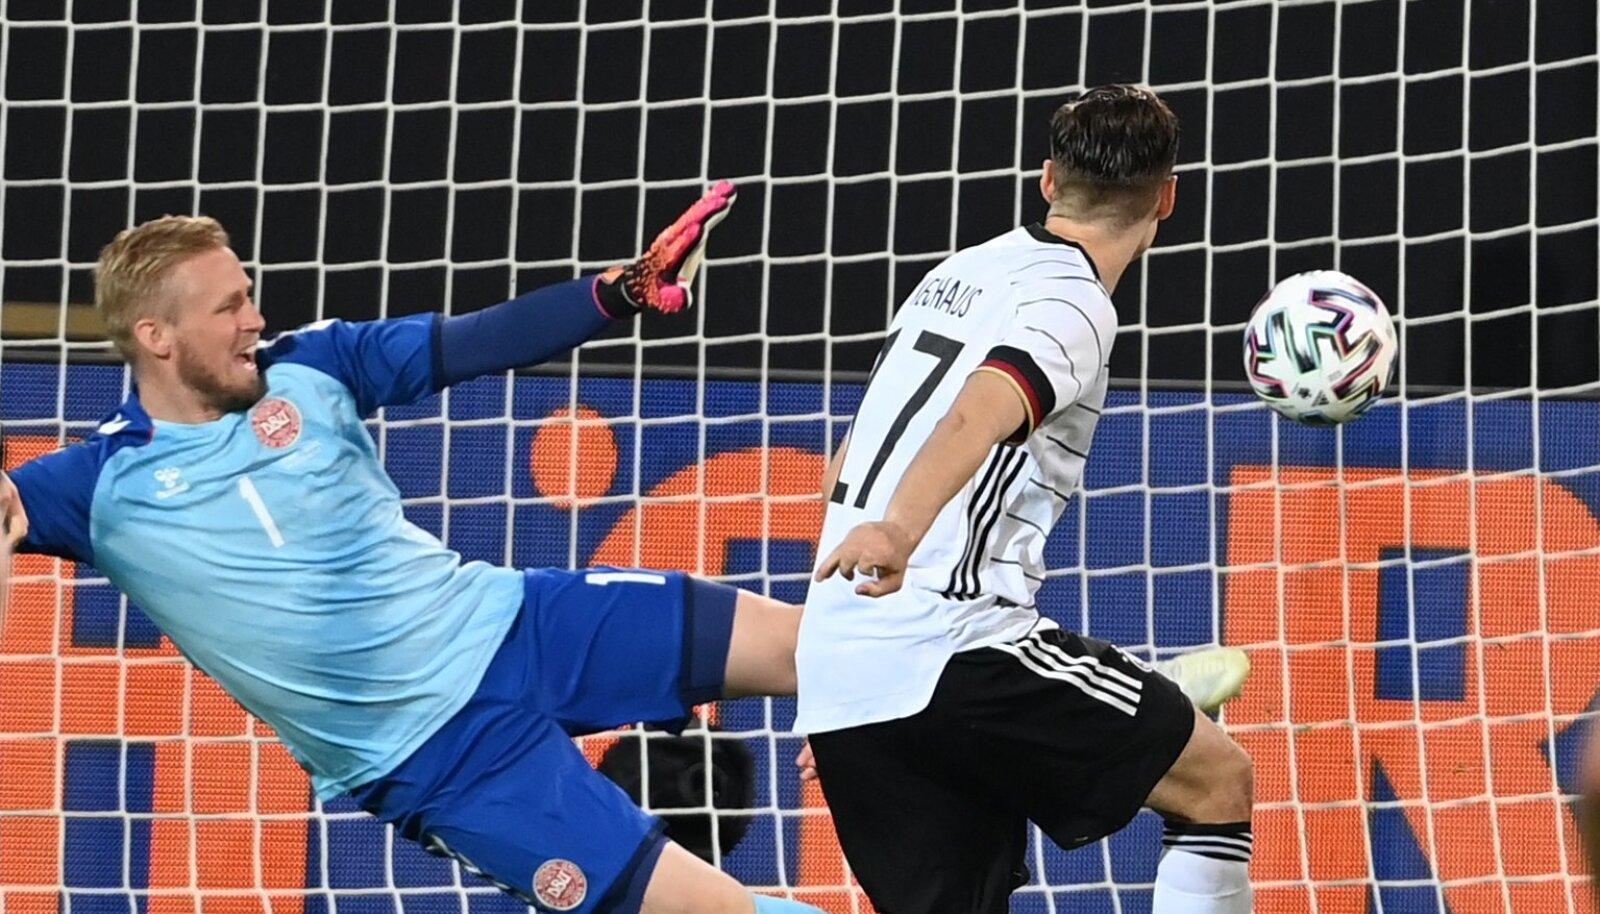 Saksamaa vs Taani